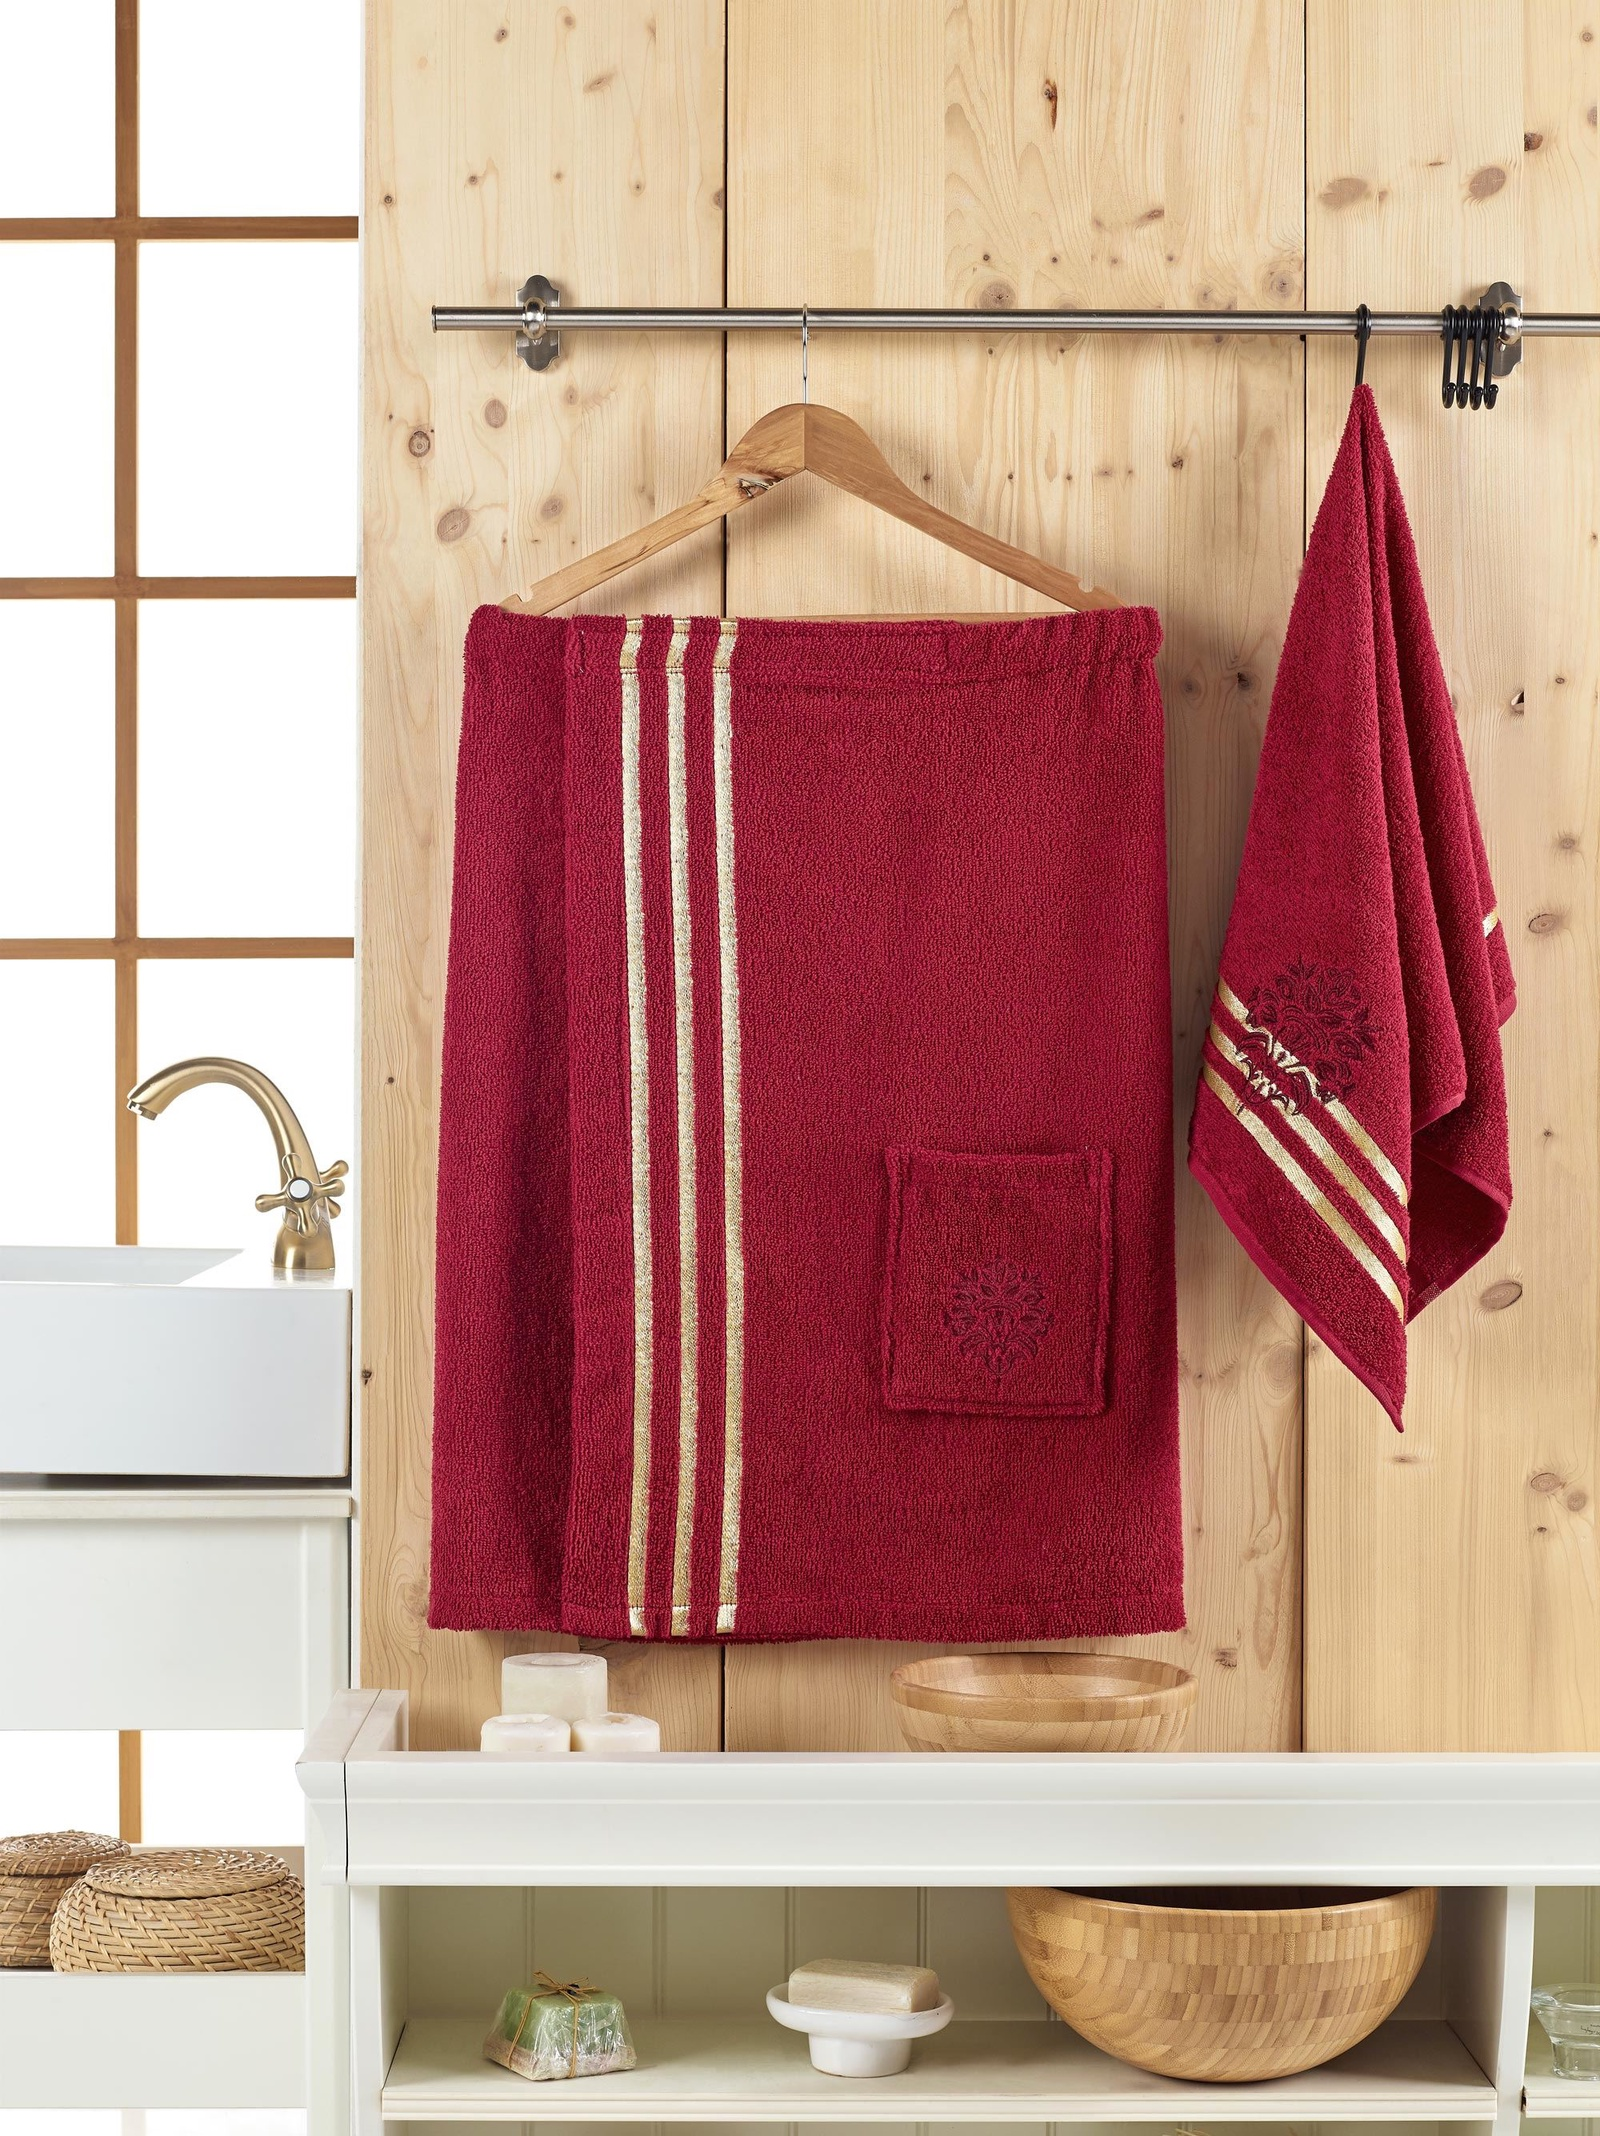 Банный комплект JUANNA Сауна женская SEVAKIN_бордовый, бордовый банный комплект juanna сауна женская sevakin коричневый коричневый